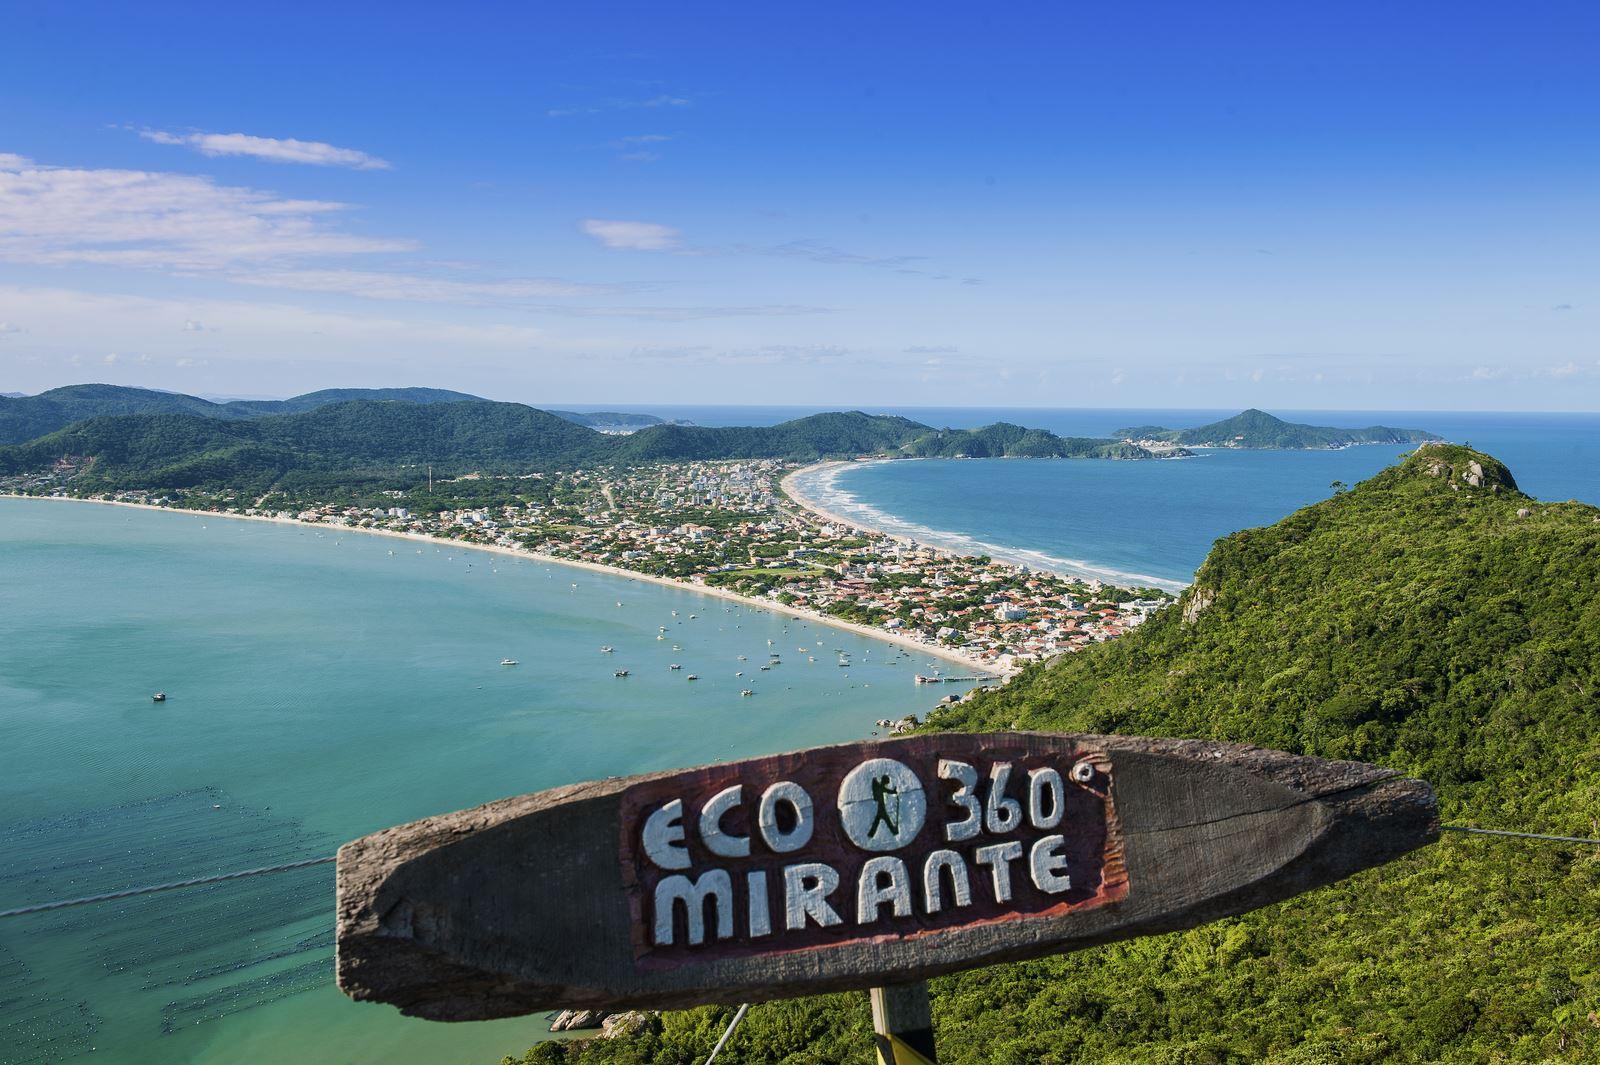 Mirante Eco 360